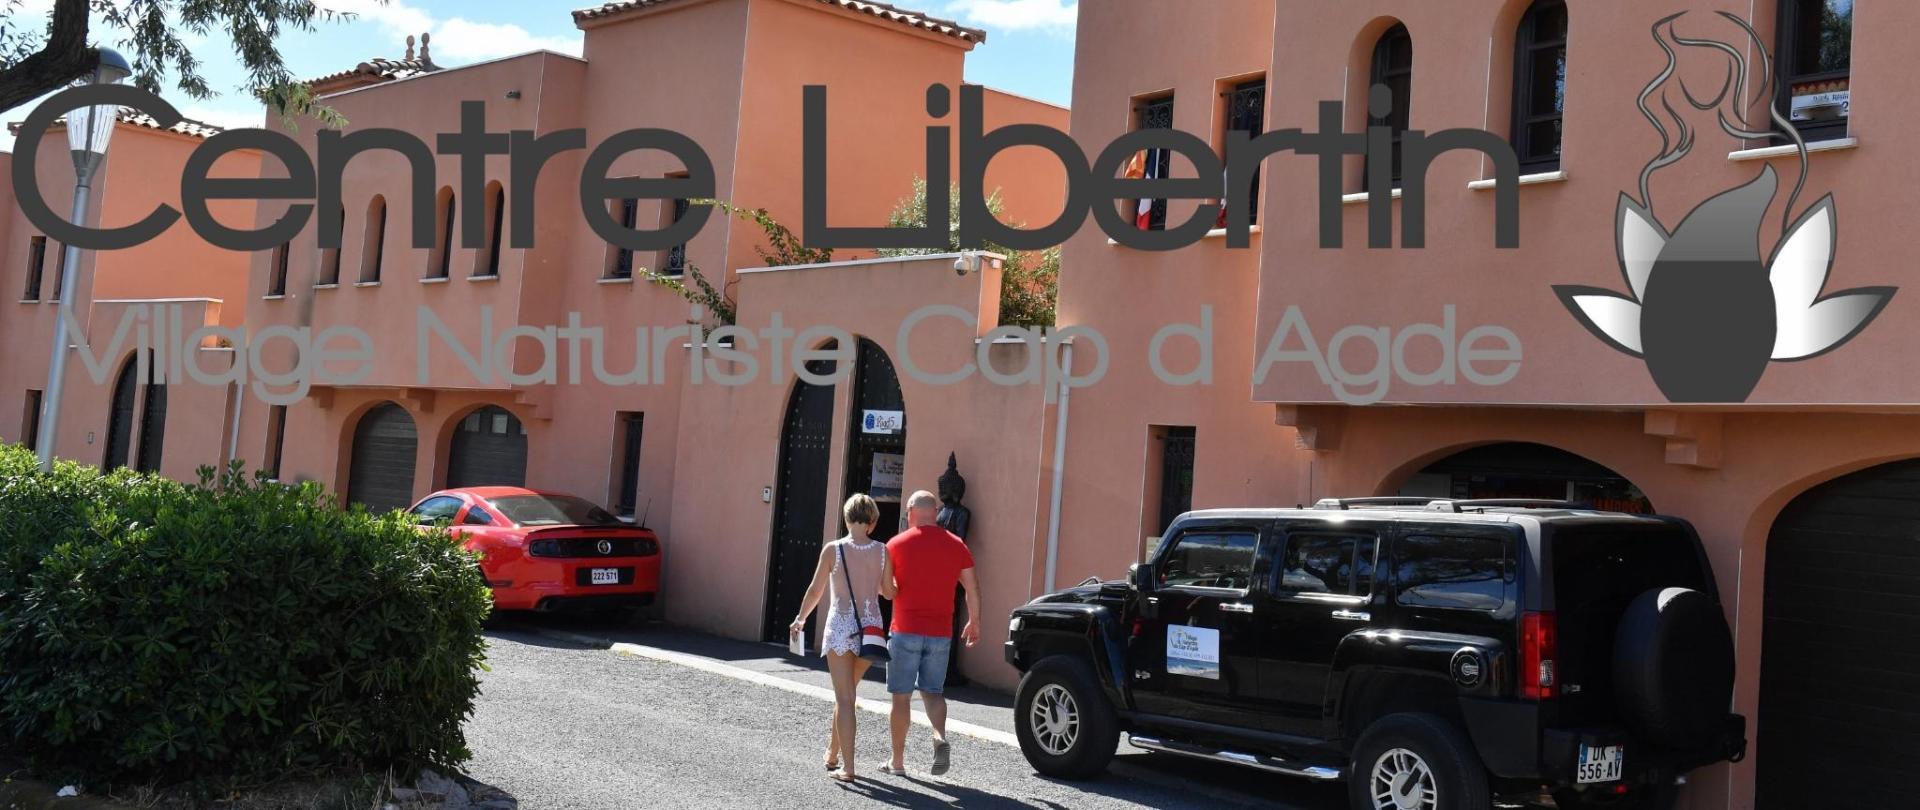 Centre Libertin le Riad (3000x2000).jpg